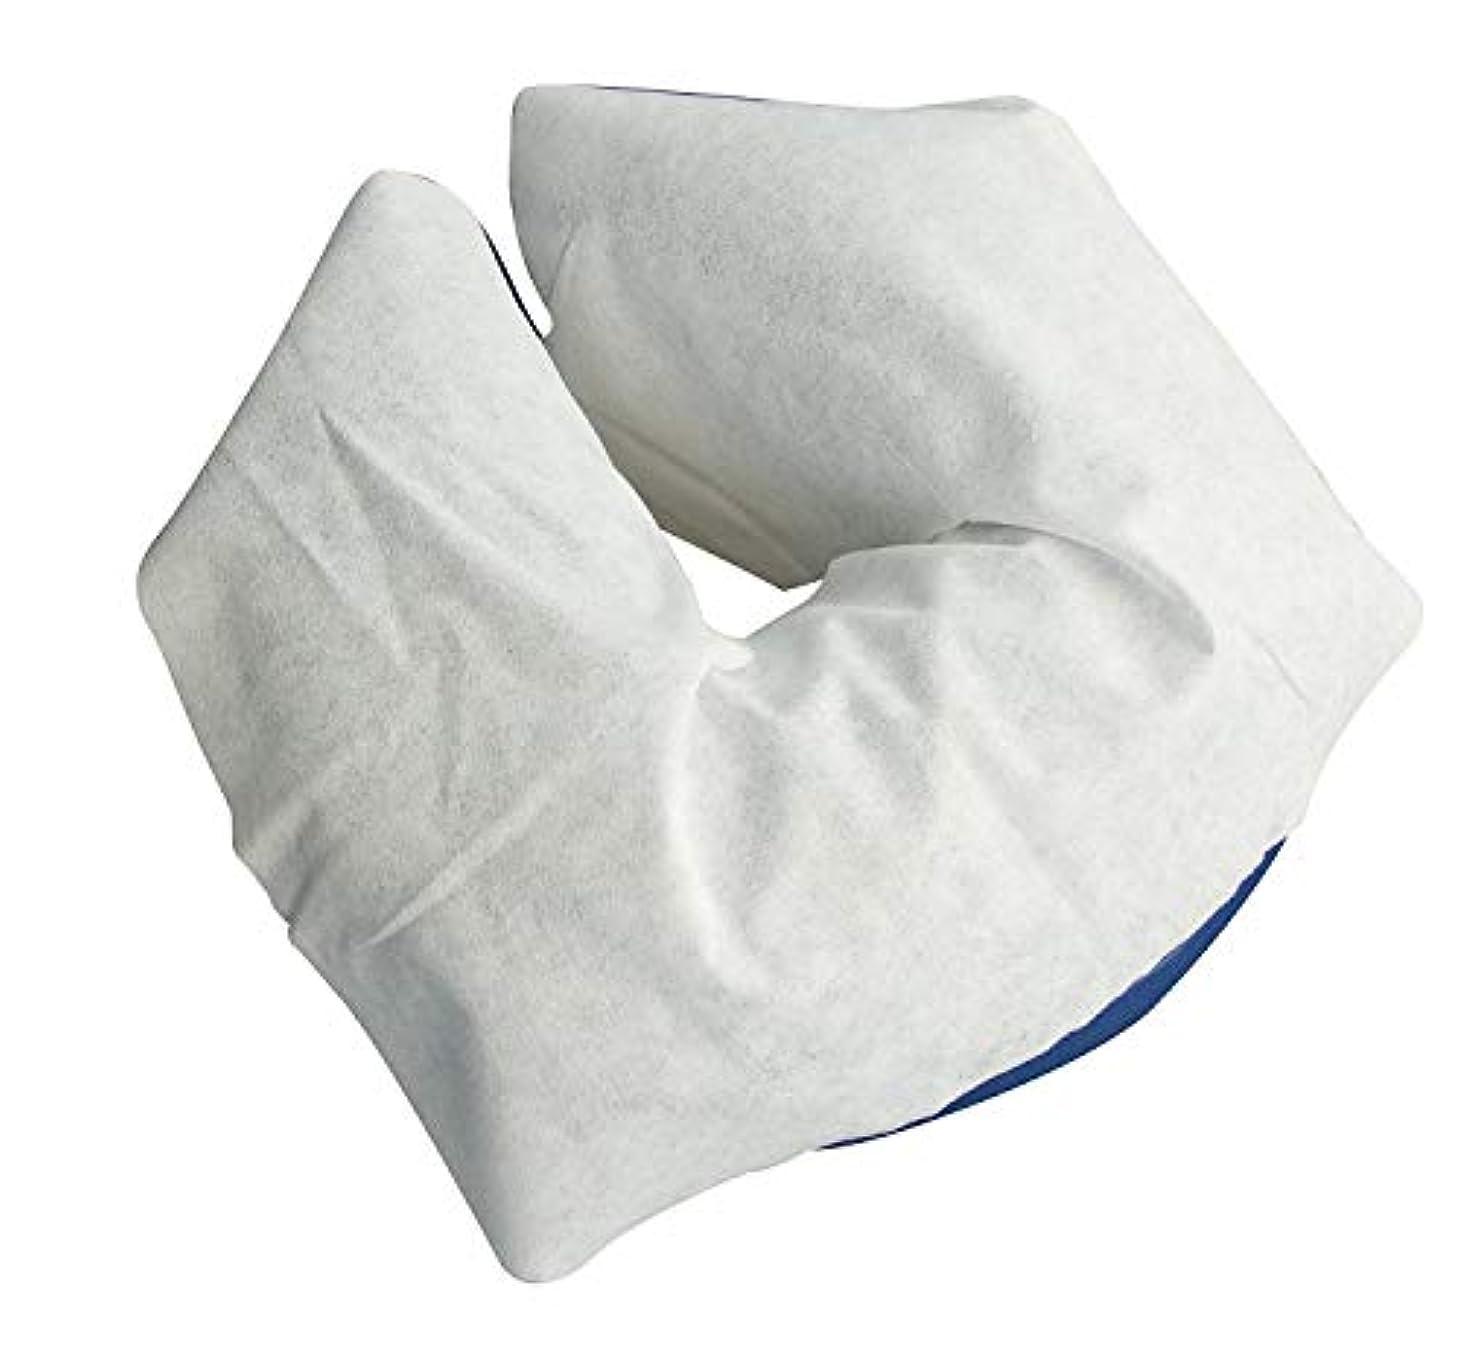 理論的レイプ遅いUmora U字 ピローシート 使い捨てマクラカバー 業務用 美容 サロン 100%綿 柔軟 厚手(200枚)